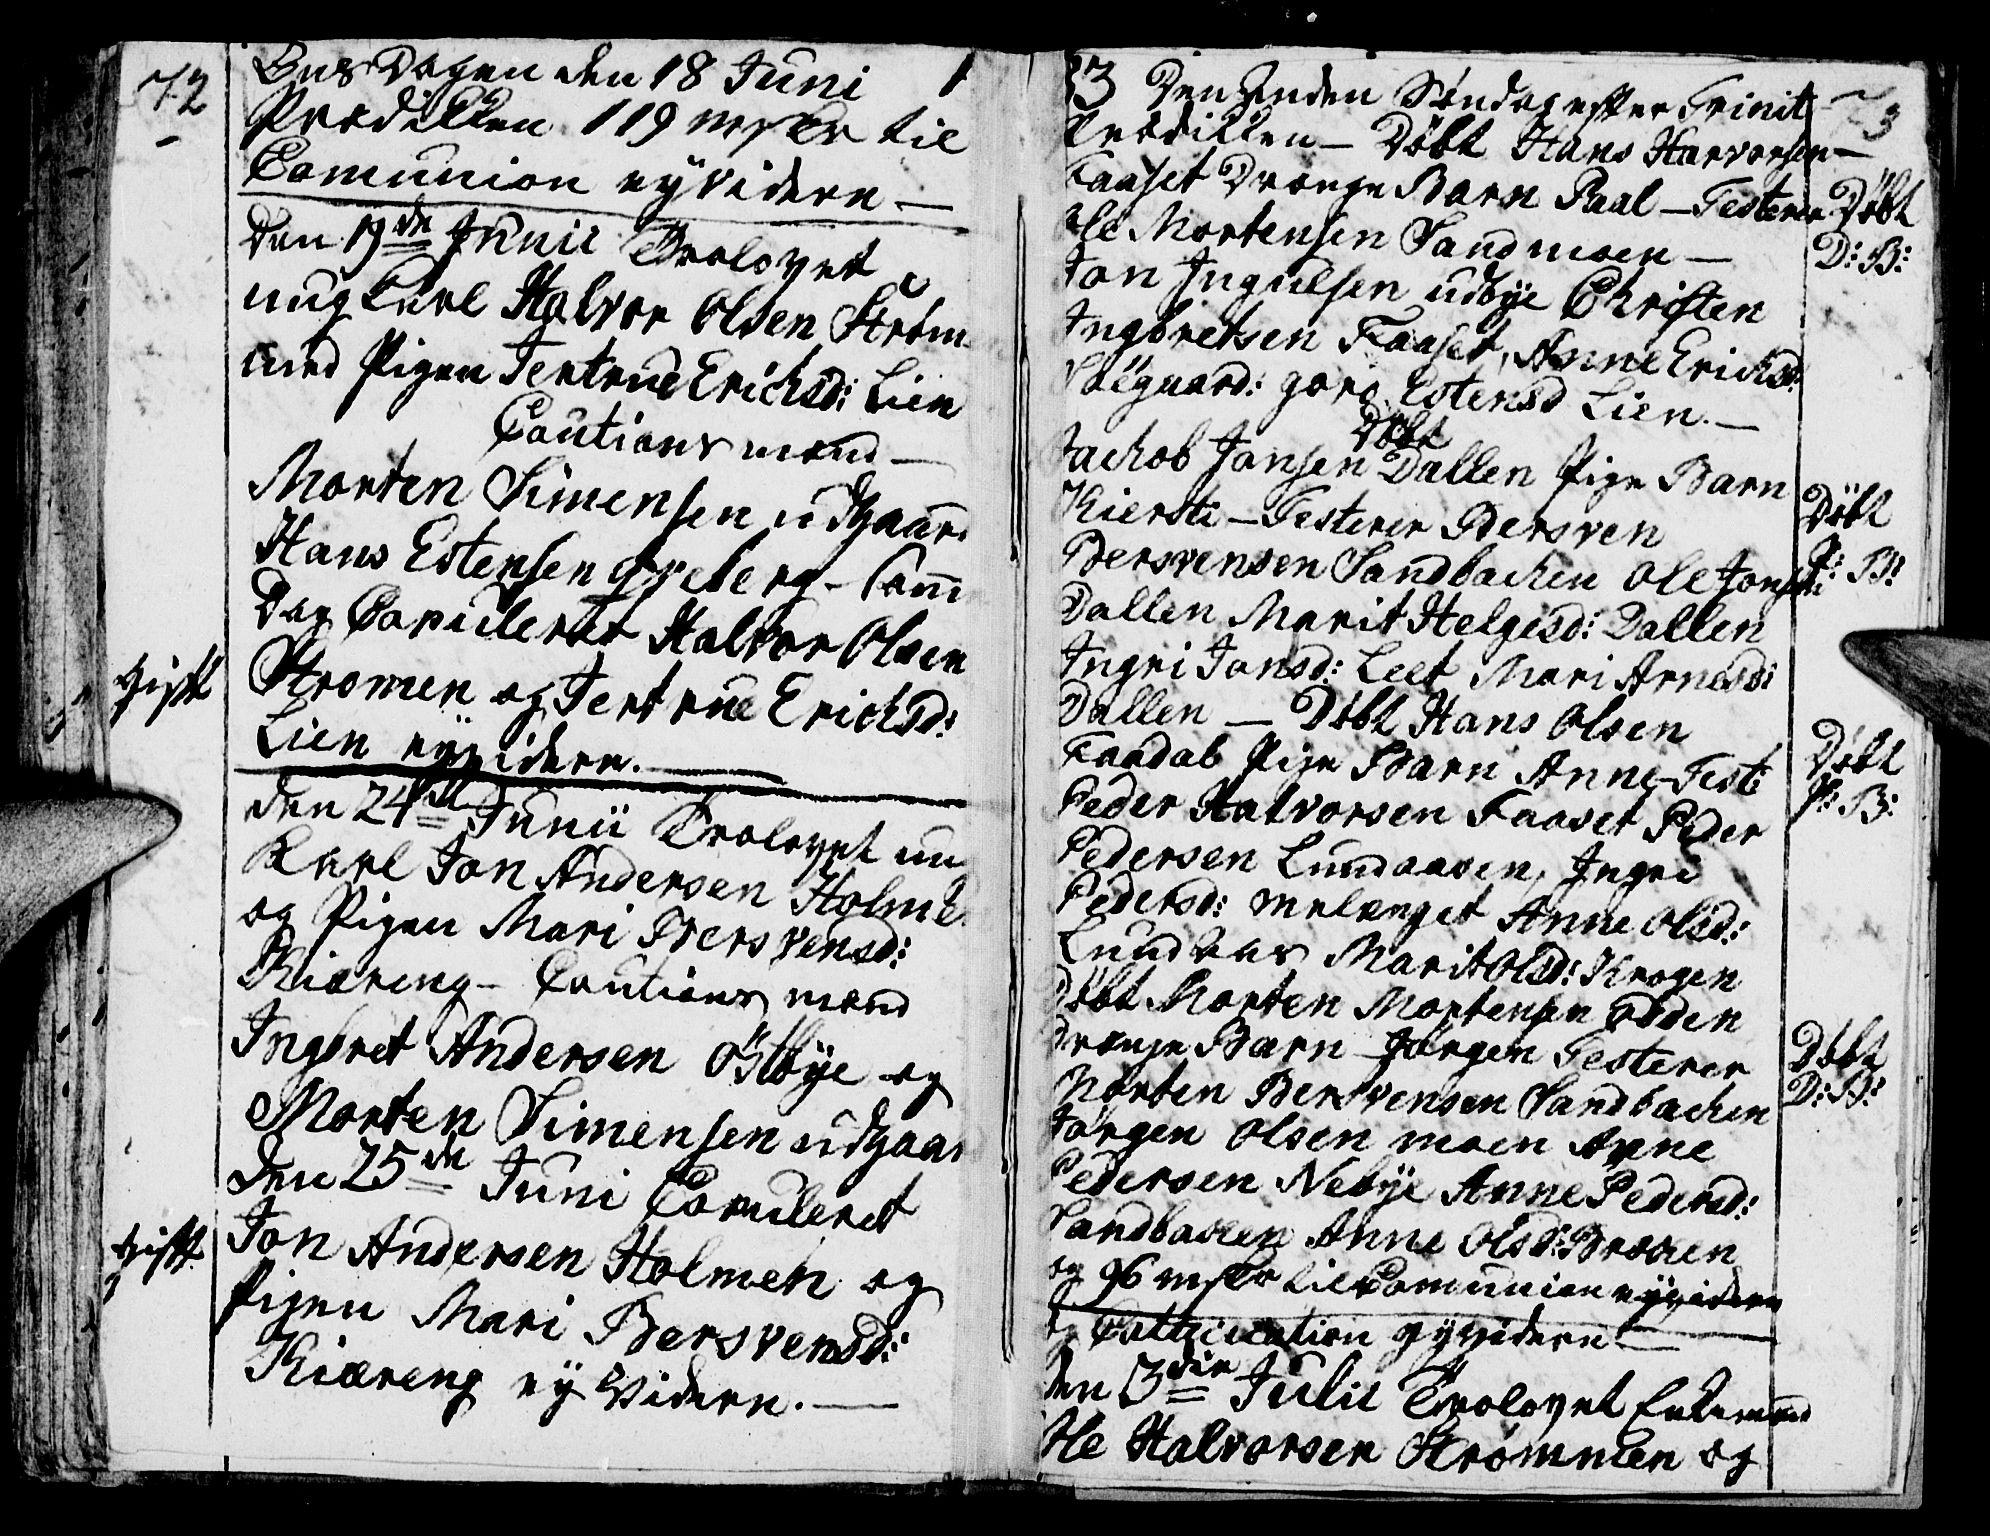 SAH, Tynset prestekontor, Parish register (official) no. 12, 1780-1784, p. 72-73